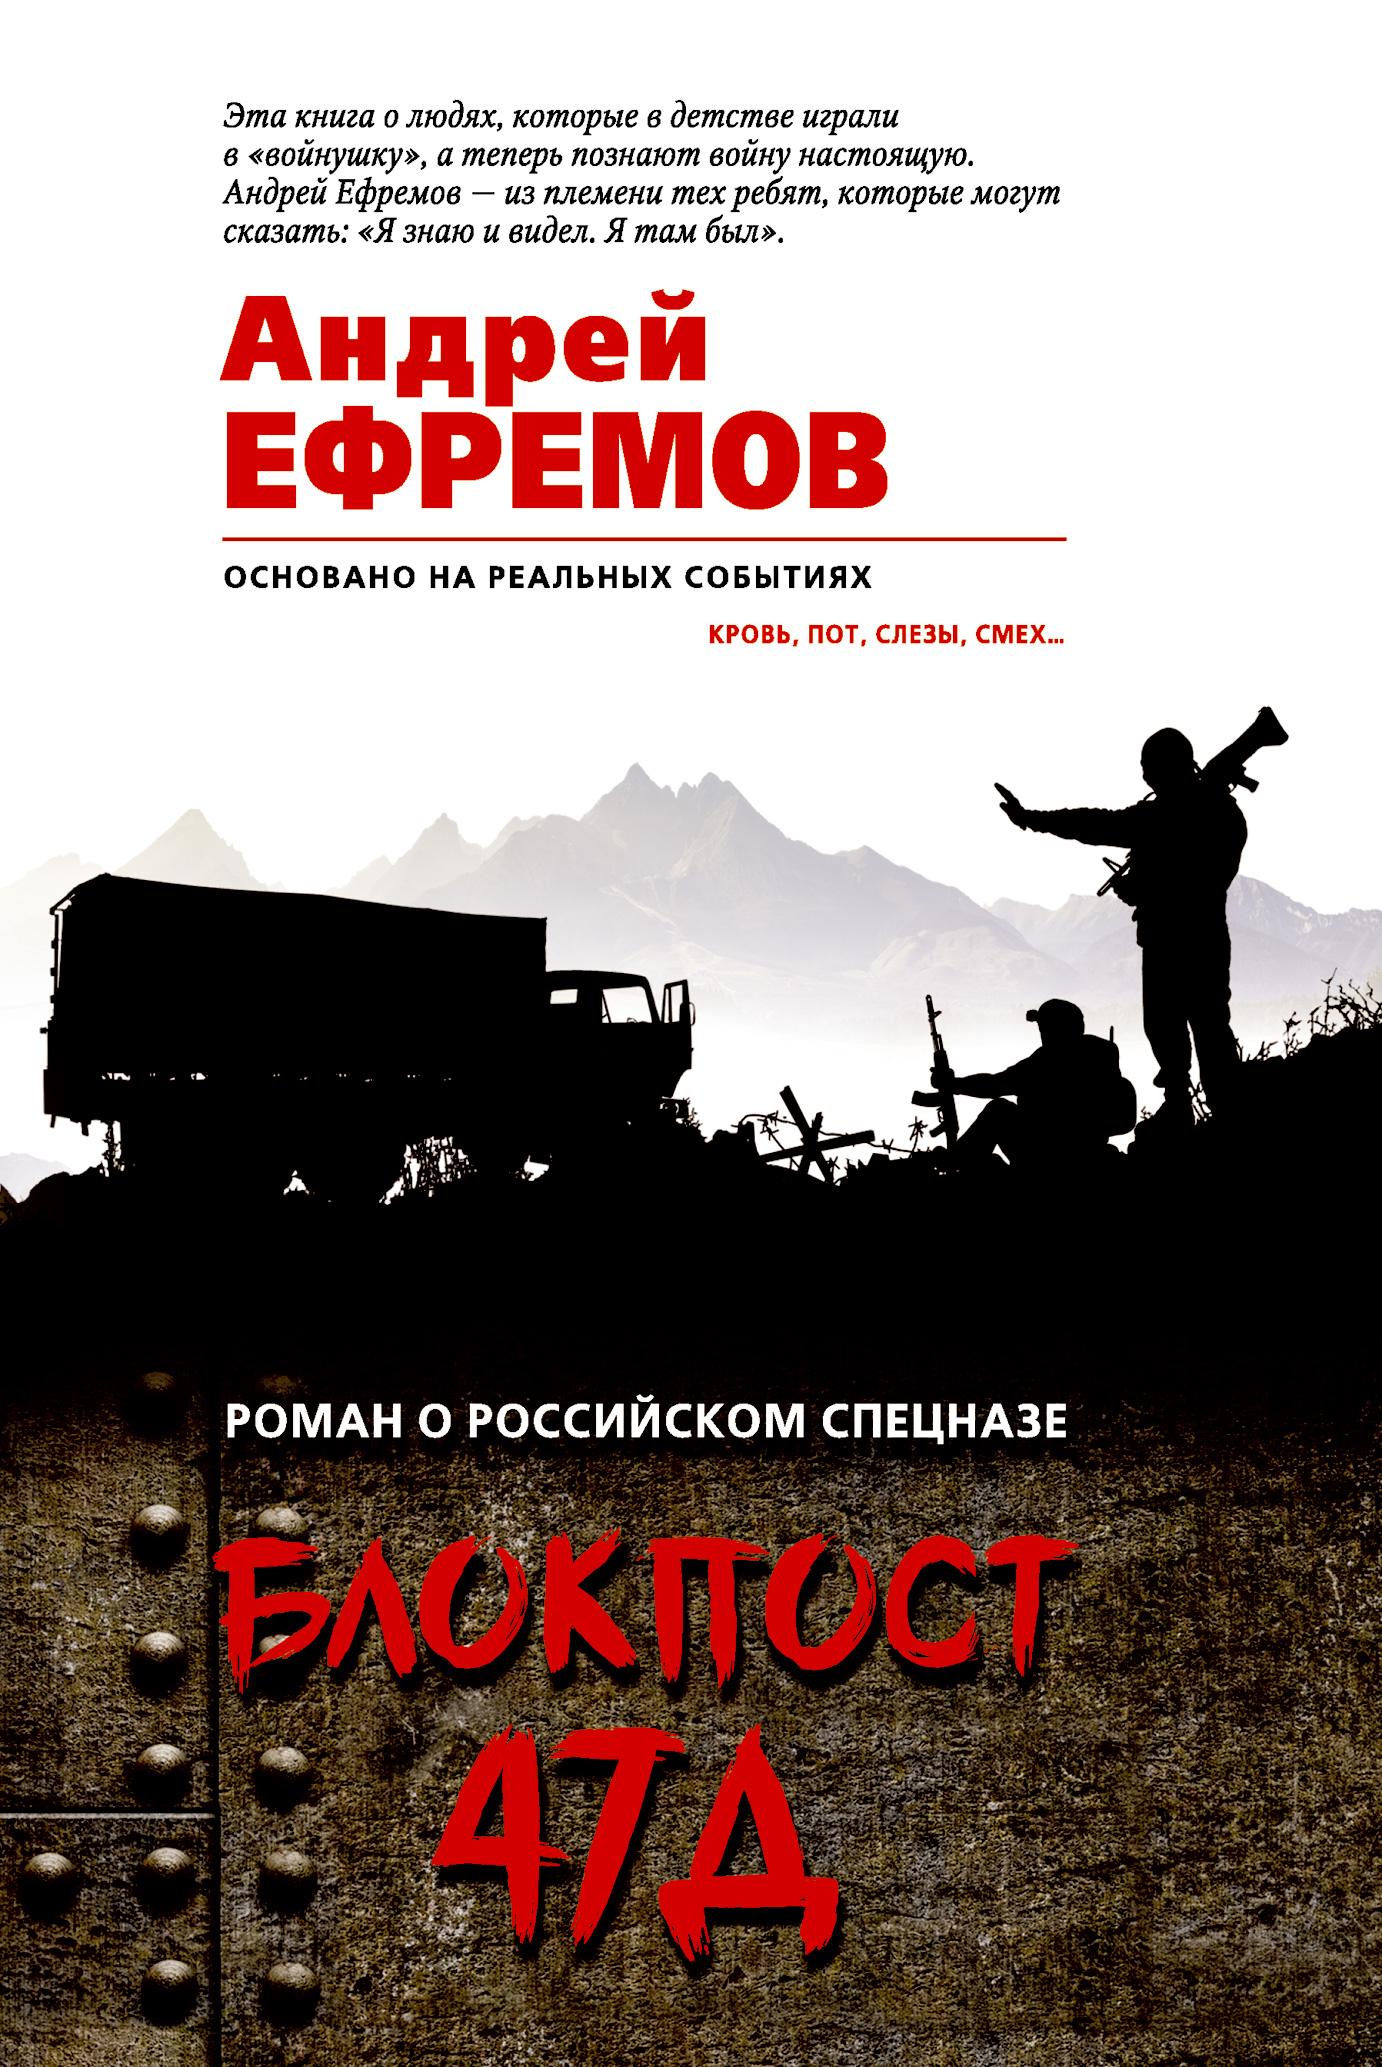 Андрей Ефремов (Брэм) Блокпост-47Д